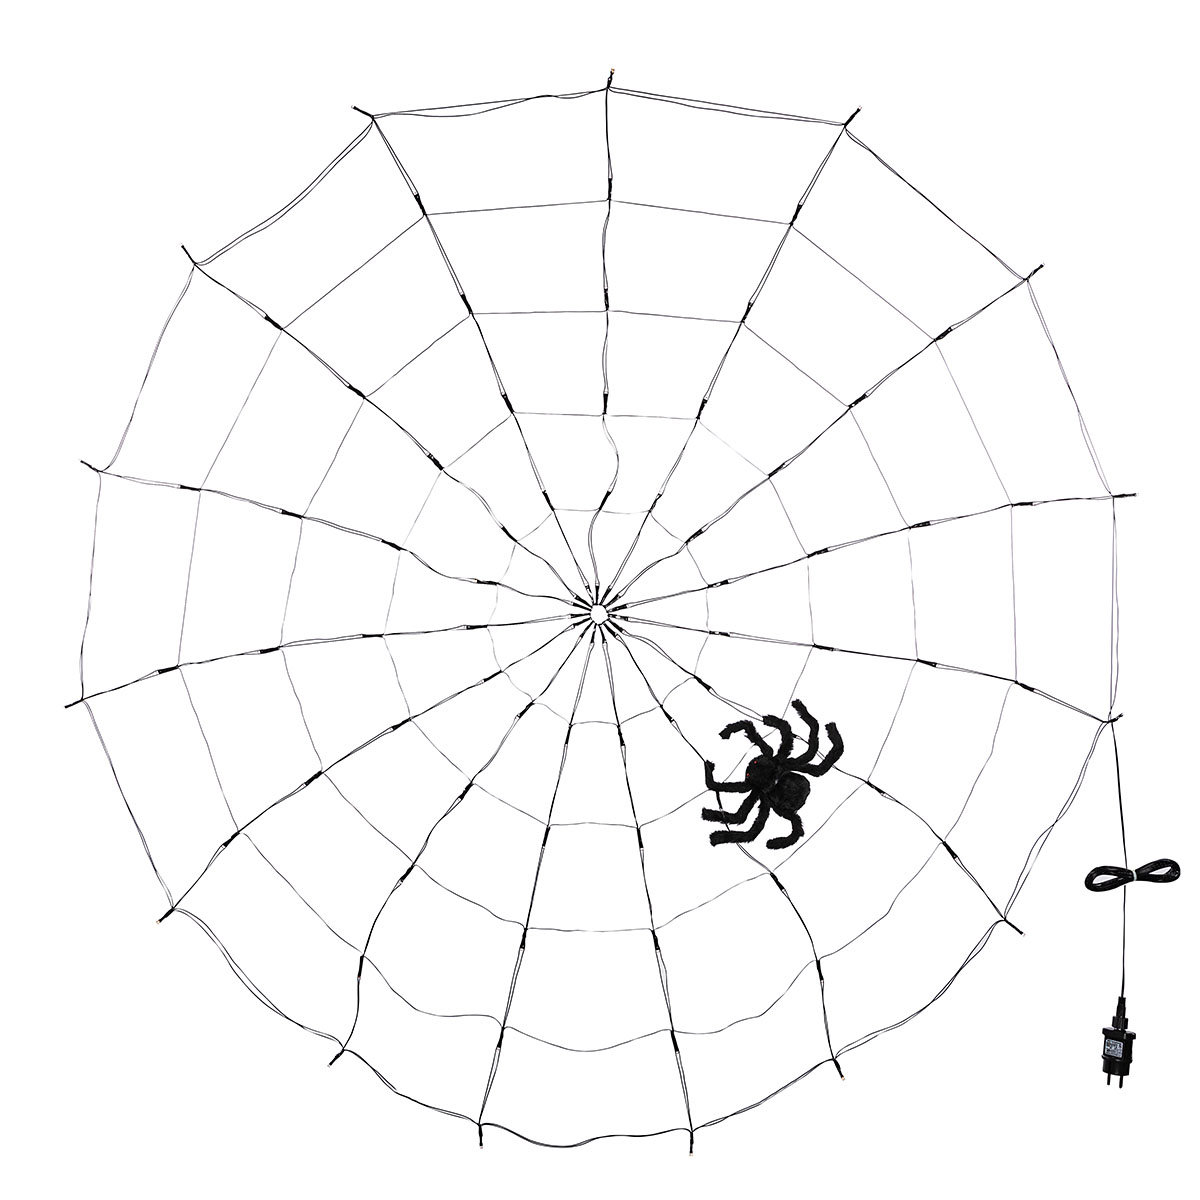 LED-Spinnennetz mit Spinne   #2